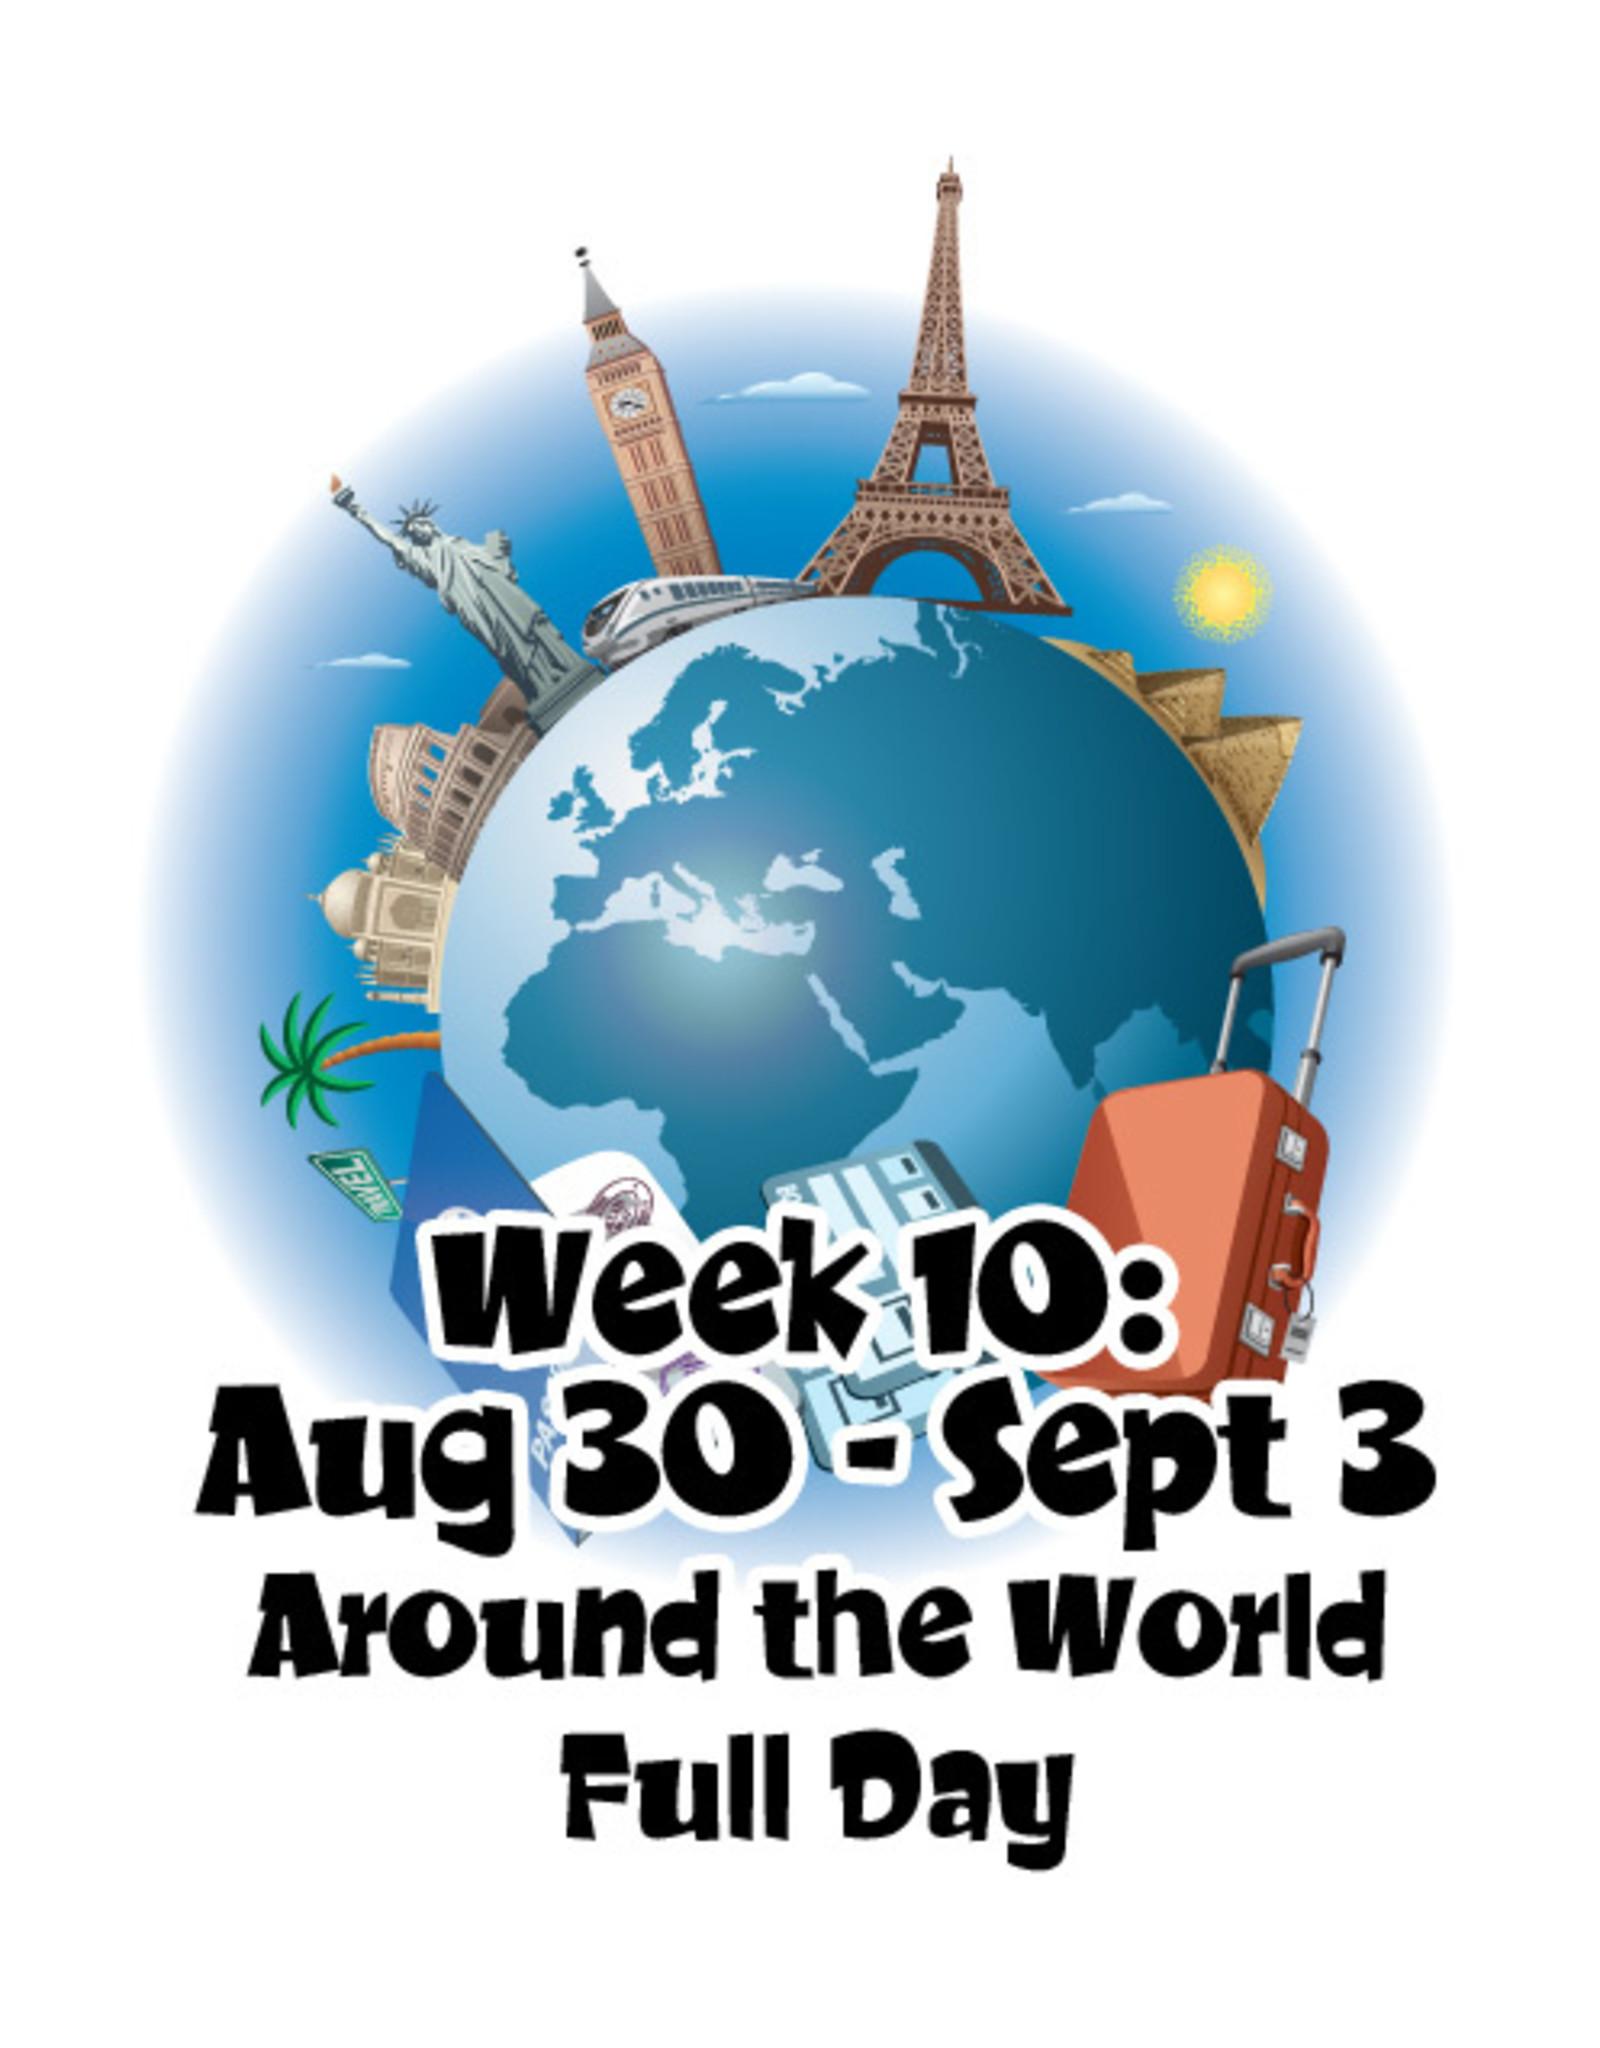 2021 Art Camp 2021 Art Camp Wk Ten Aug 30 - Sept 3 Full Day